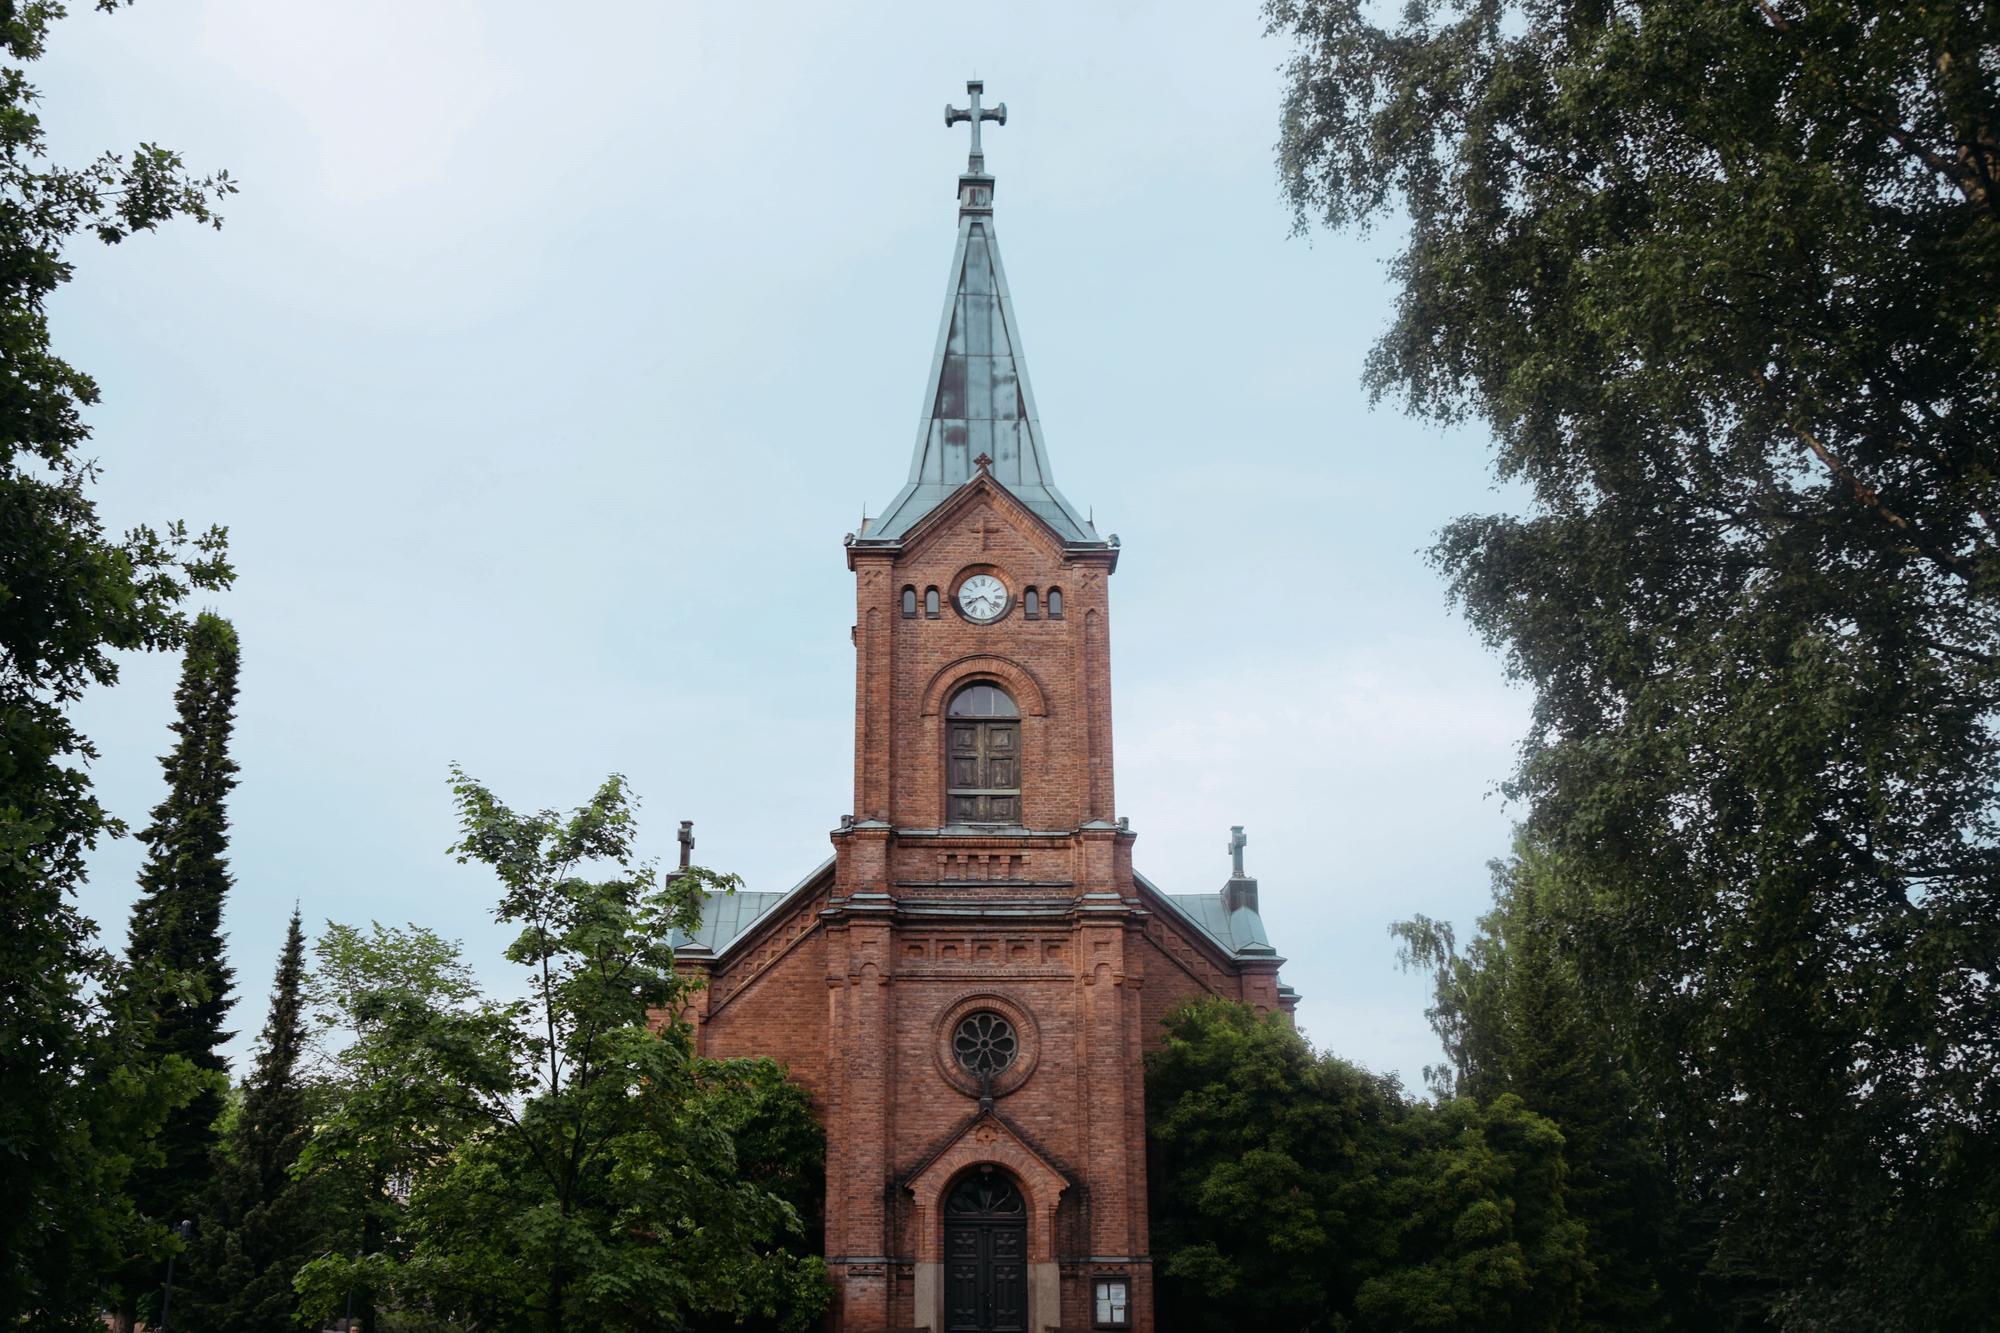 Jyväskylän nähtävyydet: kaupunginkirkko